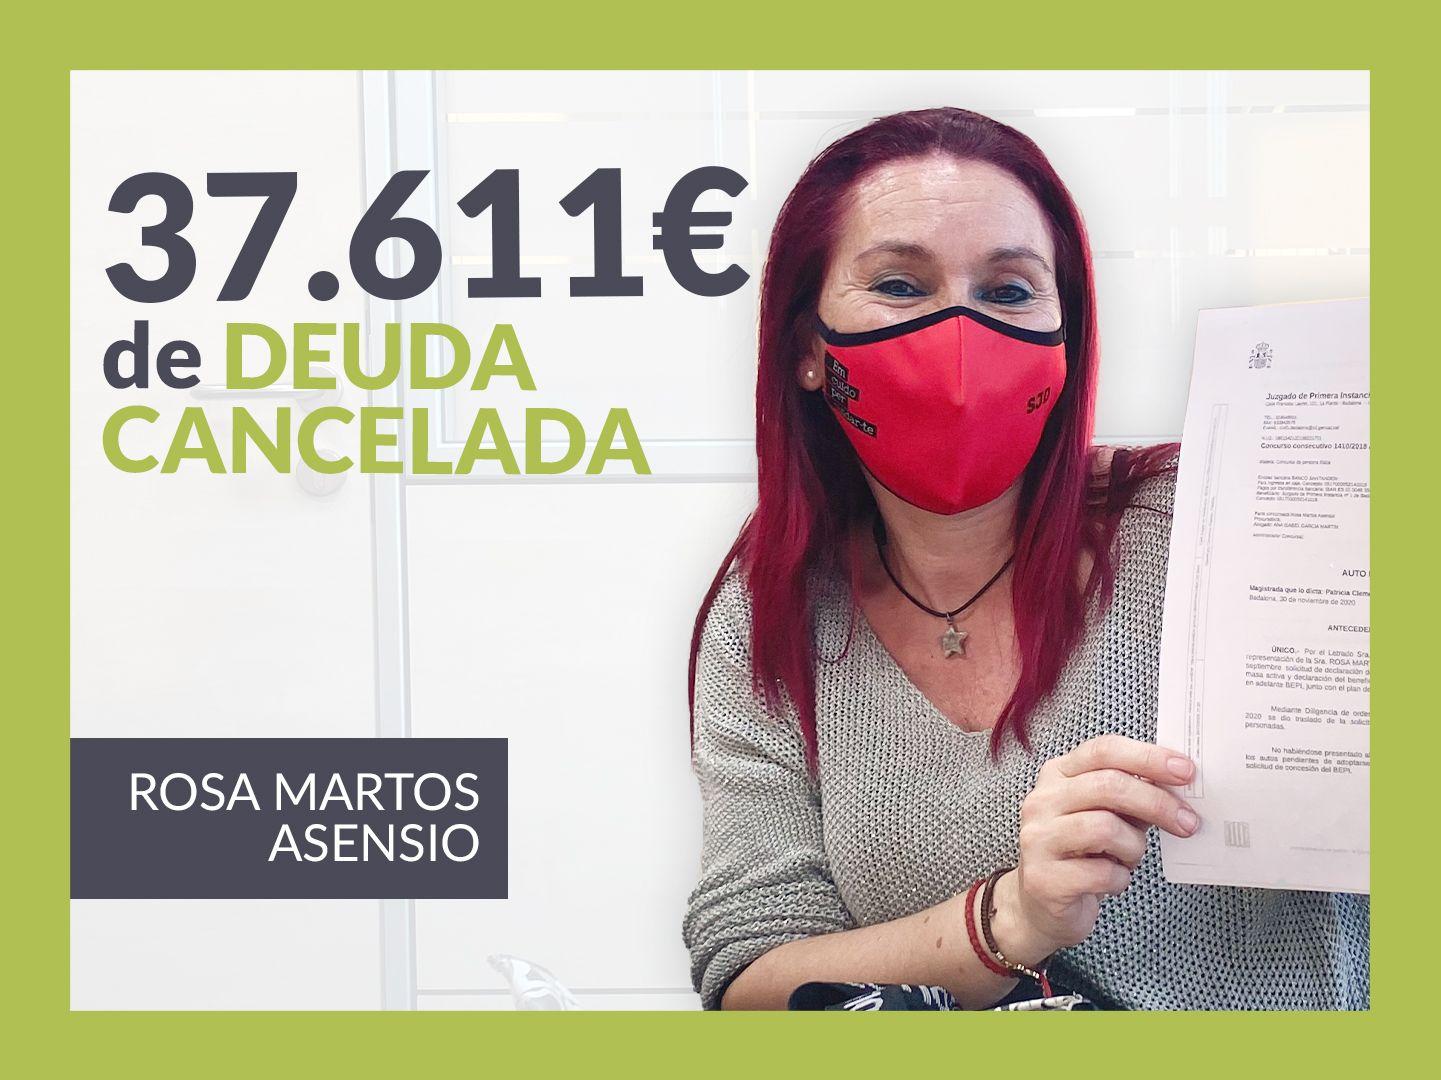 Repara tu Deuda abogados cancela más de 37.611 € a una vecina de Girona con la Ley de Segunda Oportunidad